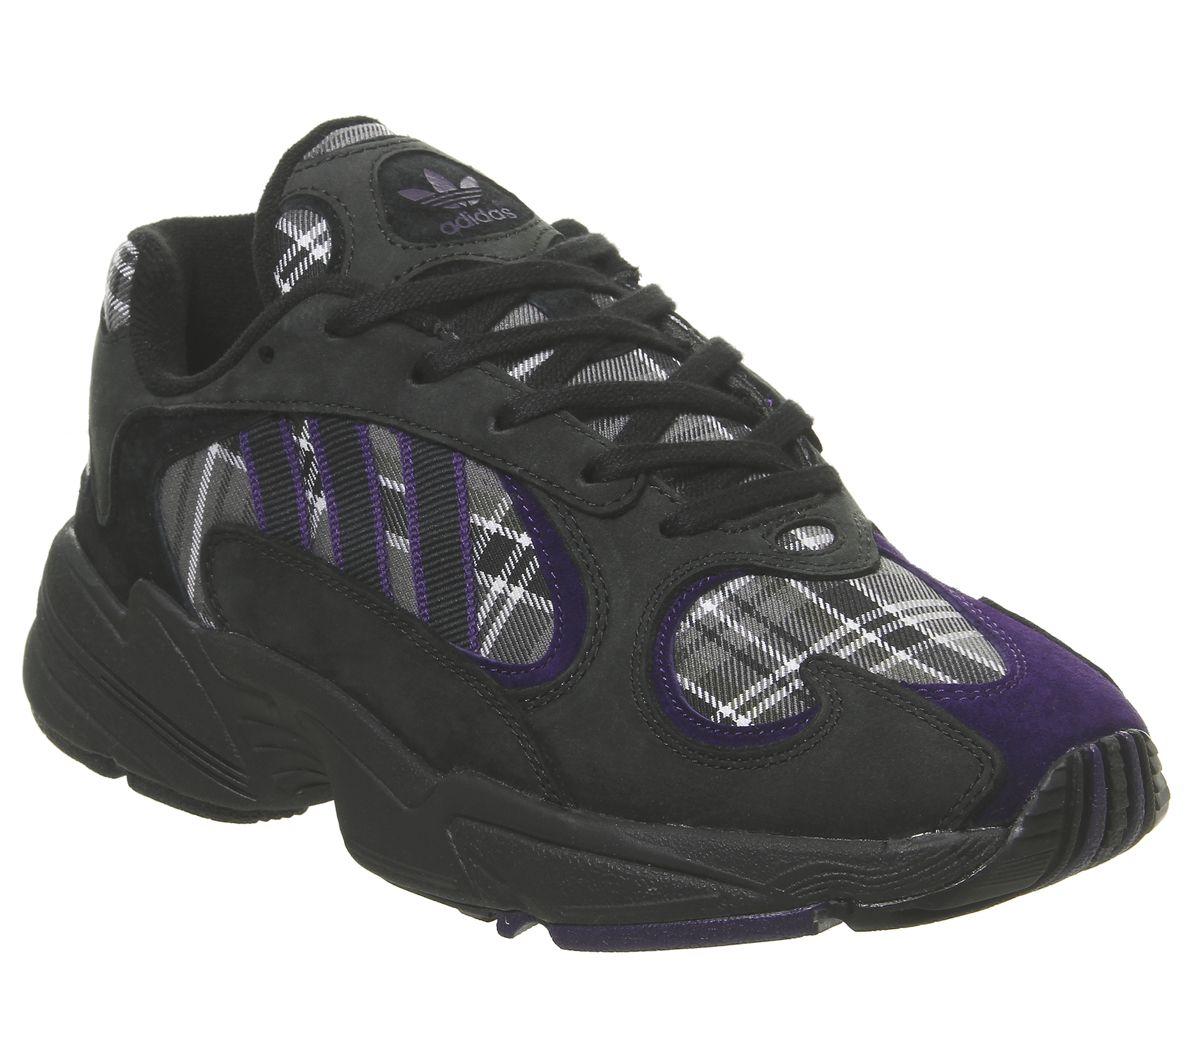 grande collezione sito affidabile carino e colorato Dettagli su Adidas da Donna Yung 1 Scarpe Sportive Core Nero Universitaria  Viola Nere S